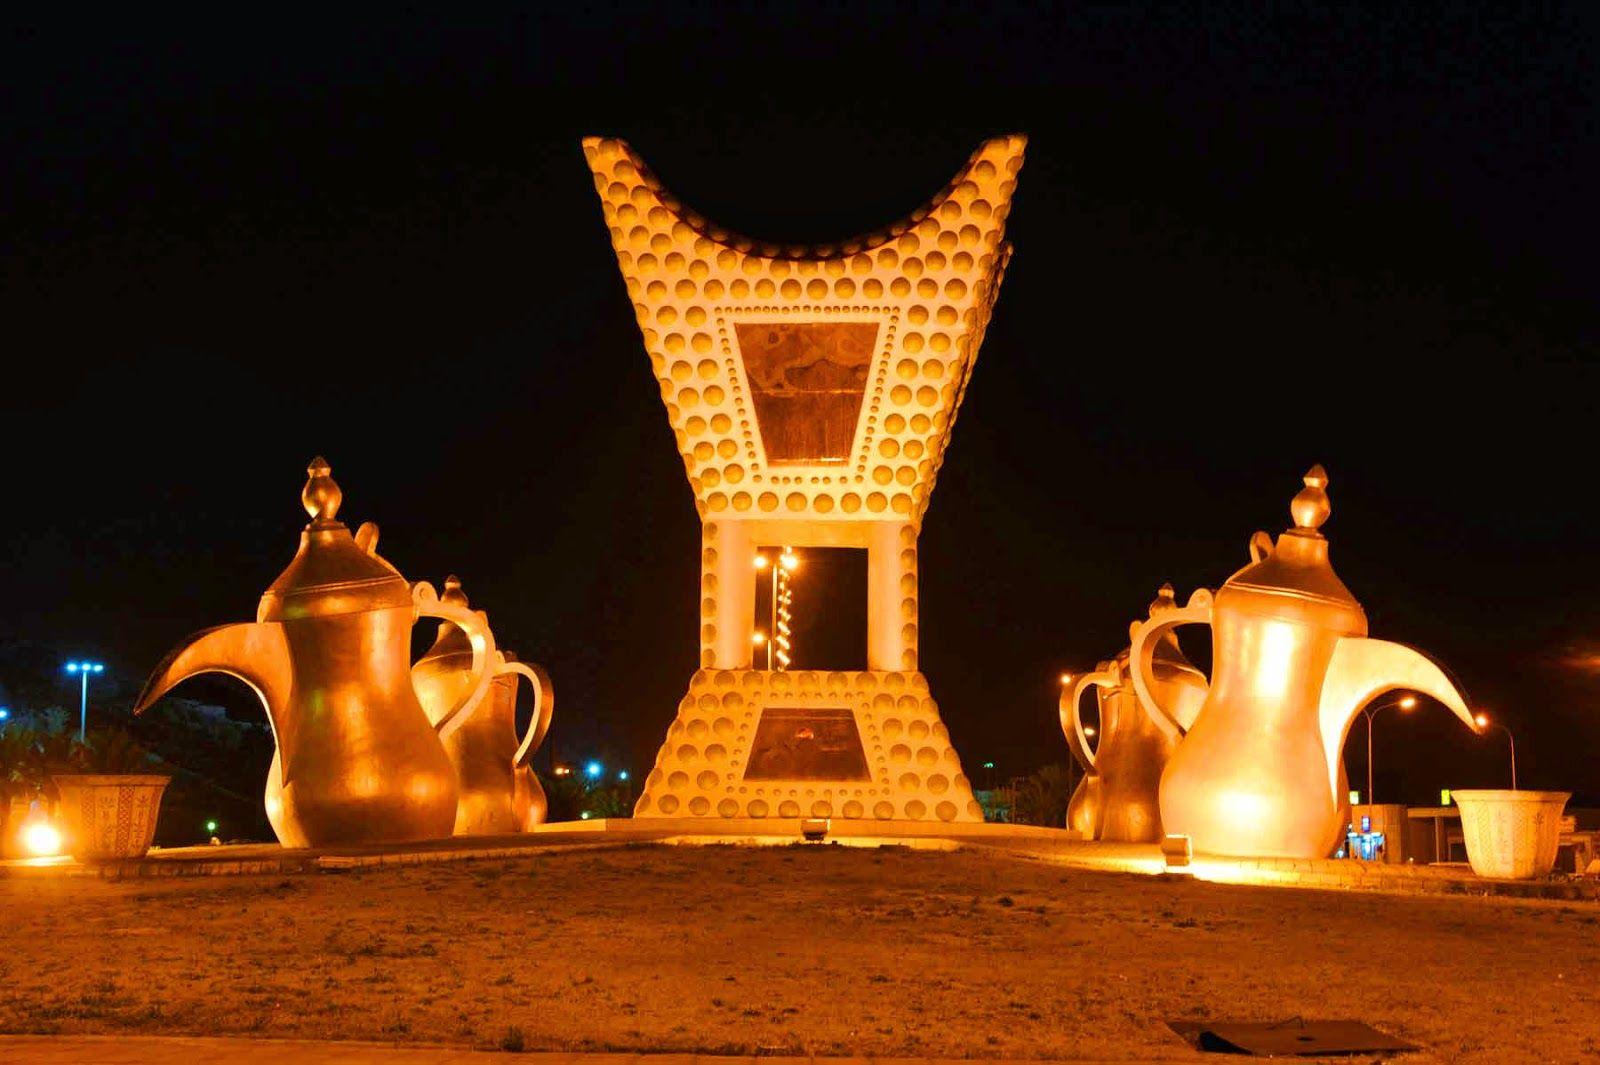 خلفيات عالية الدقة لأماكن جميلة في المملكة العربية السعودية مداد الجليد Novelty Lamp Lamp Decor